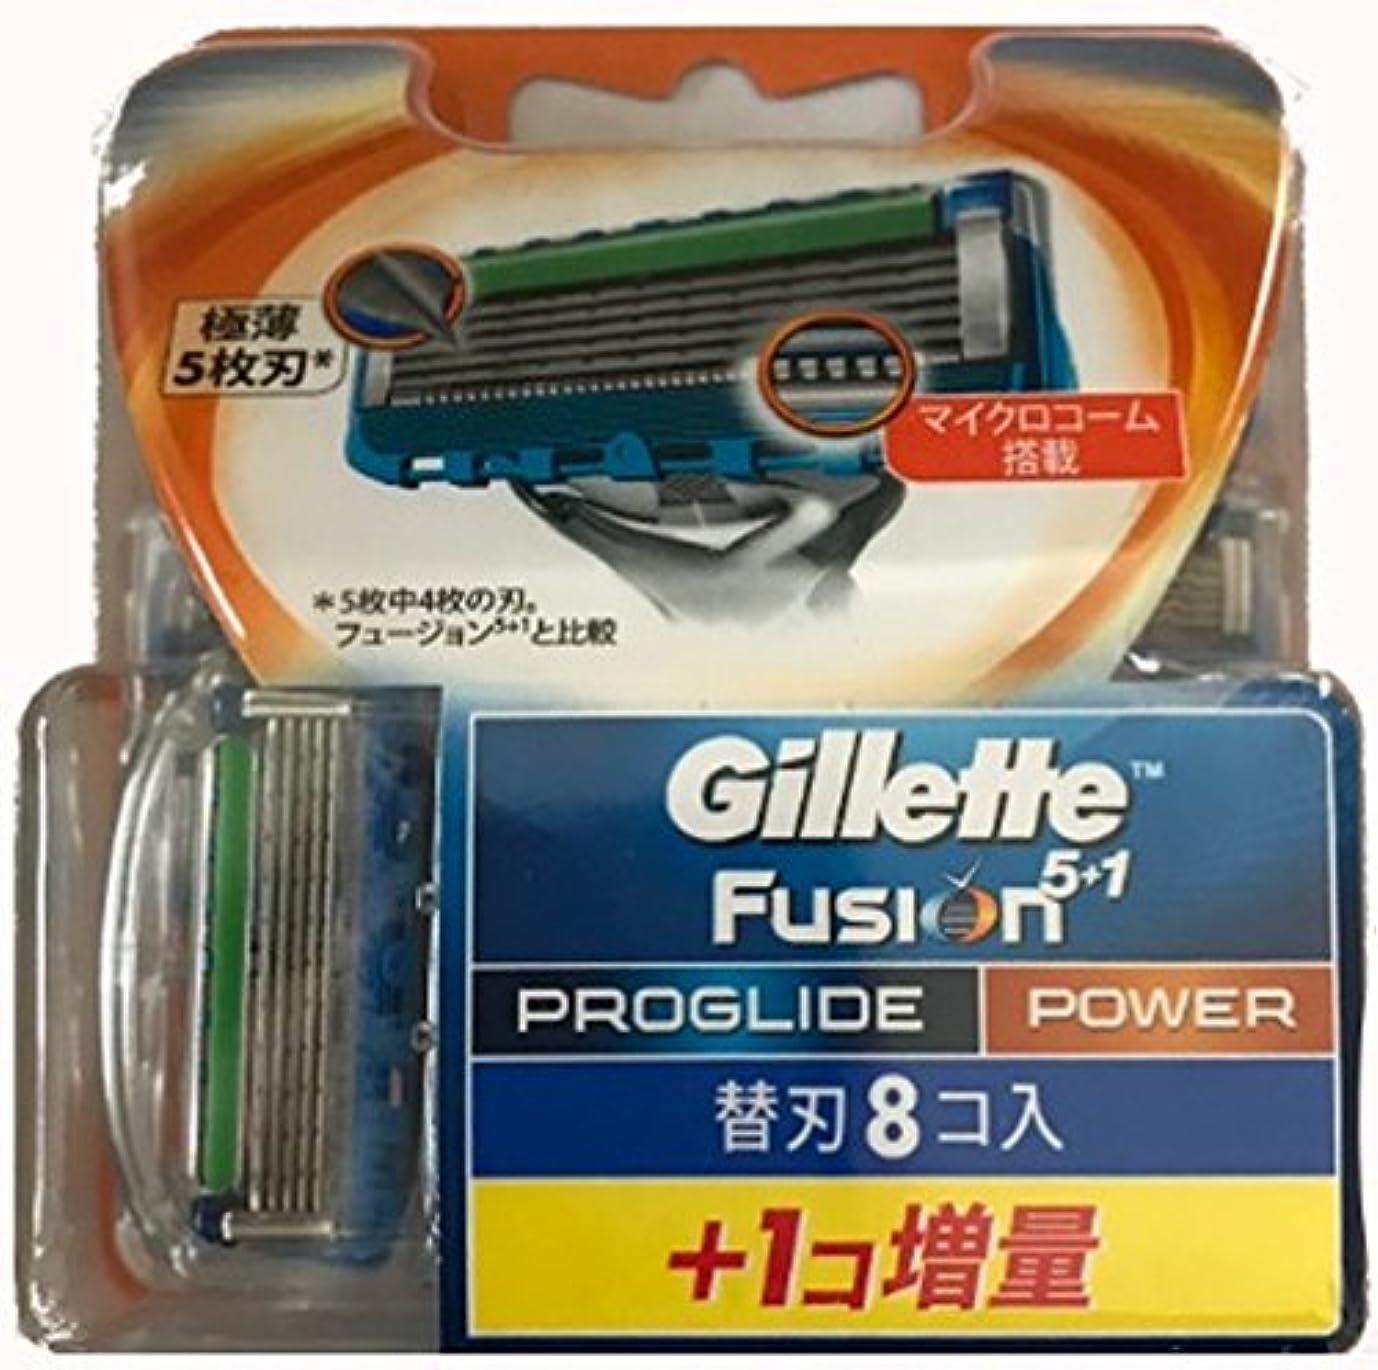 懐疑的生き返らせる焼くジレット プログライド フレックスボール パワー 替刃 9コ入(8コ+増量1コ)